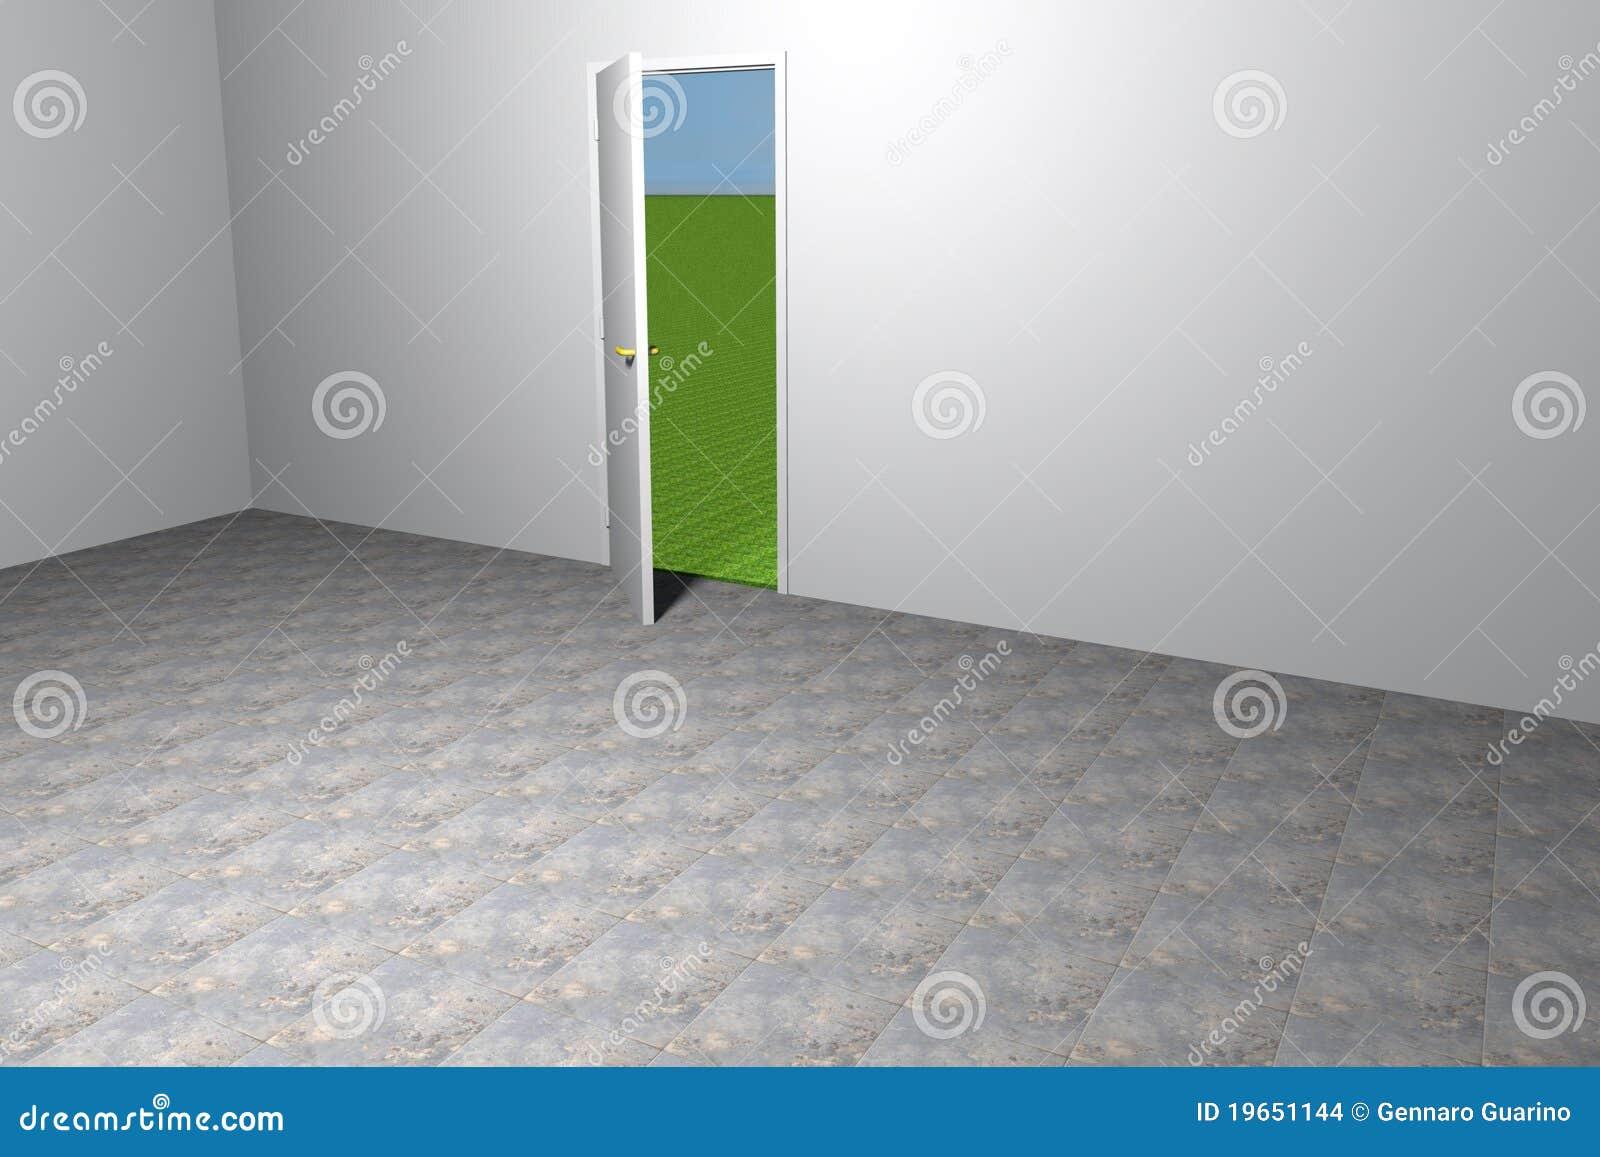 Porta Aperta Nella Stanza Vuota Immagini Stock Immagine